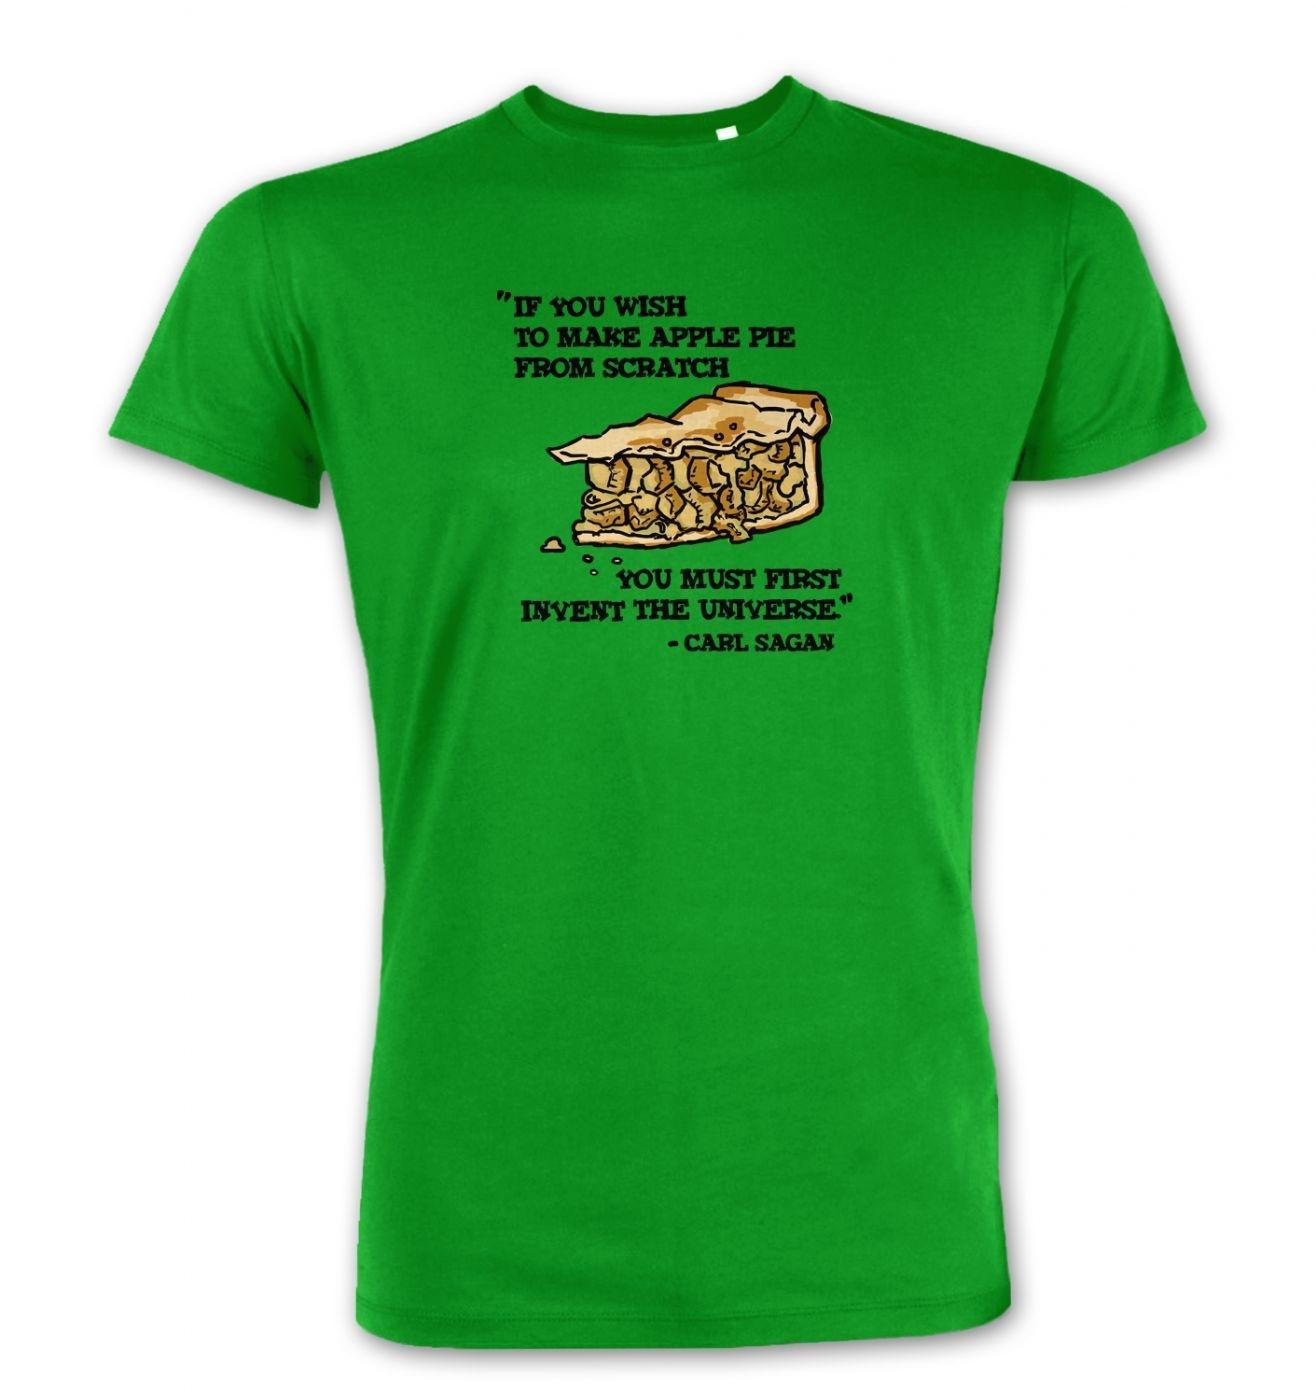 If You Wish To Make Apple Pie Carl Sagan Premium t-shirt